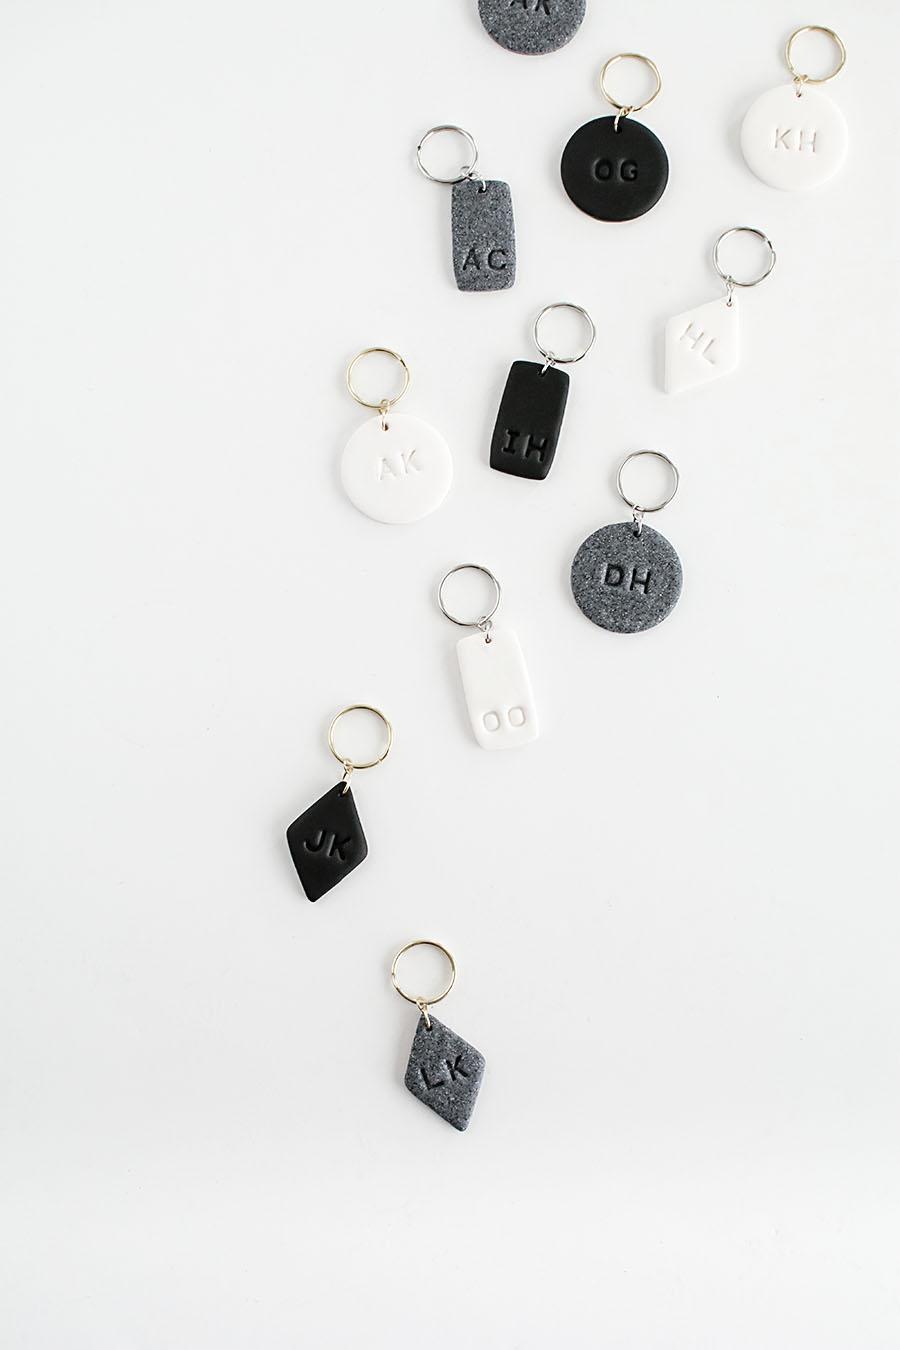 DIY-Monogram-Clay-Keychains homey oh my